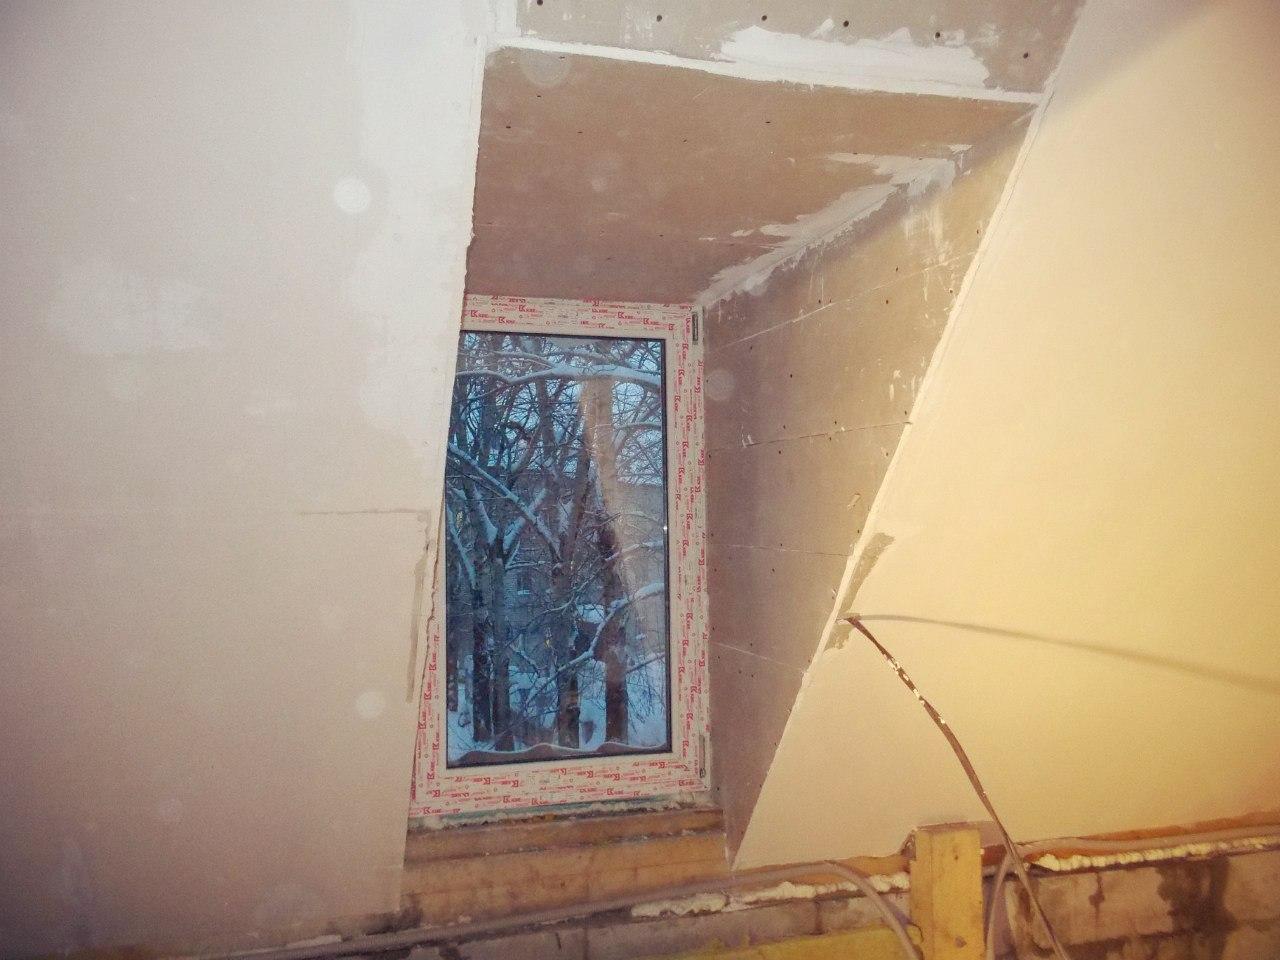 Окно на мансардном этаже часовни